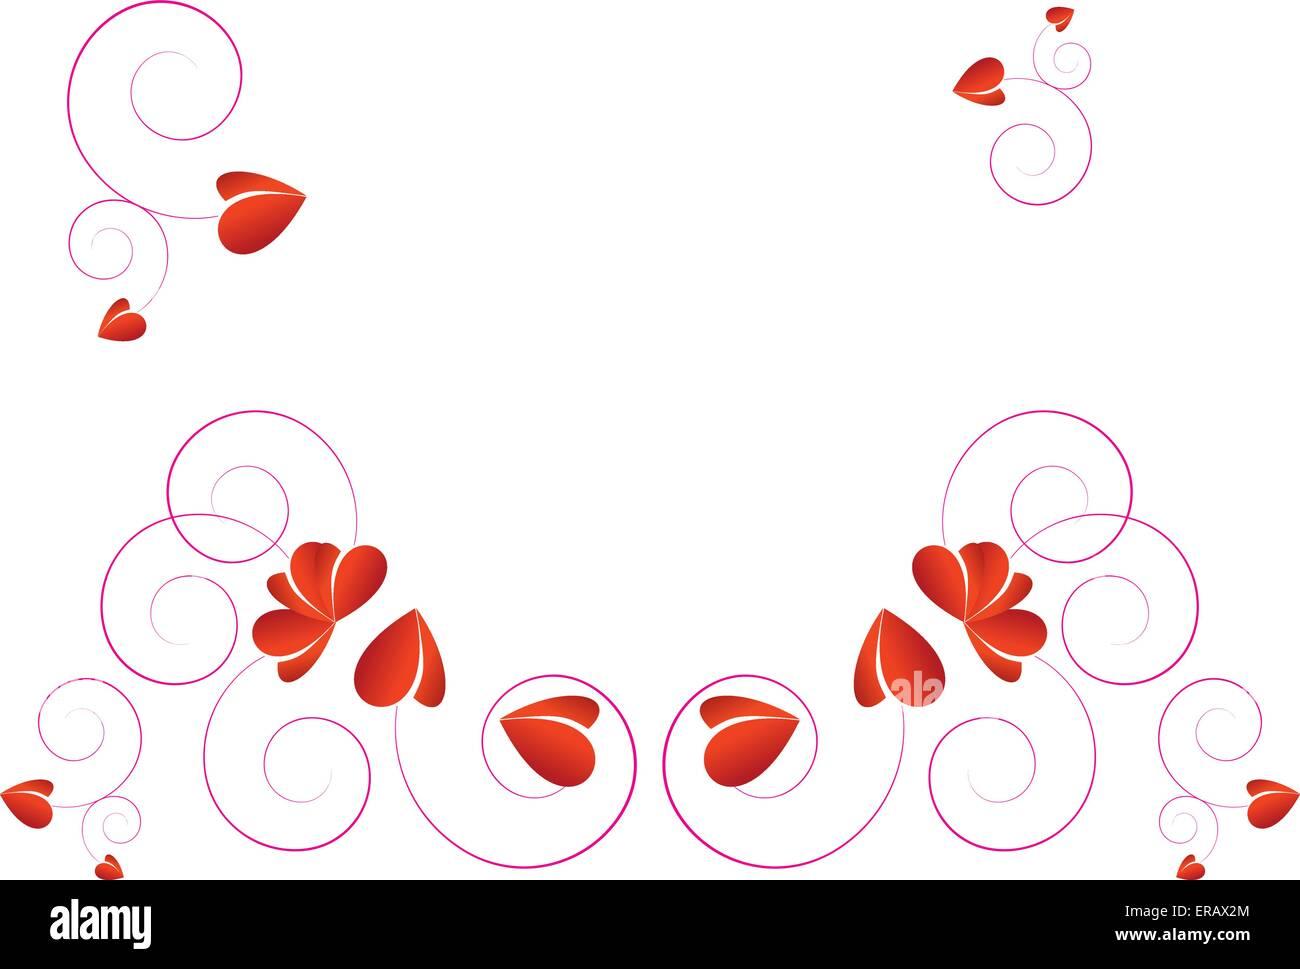 Love design artistique vecteur fond d'onde Photo Stock